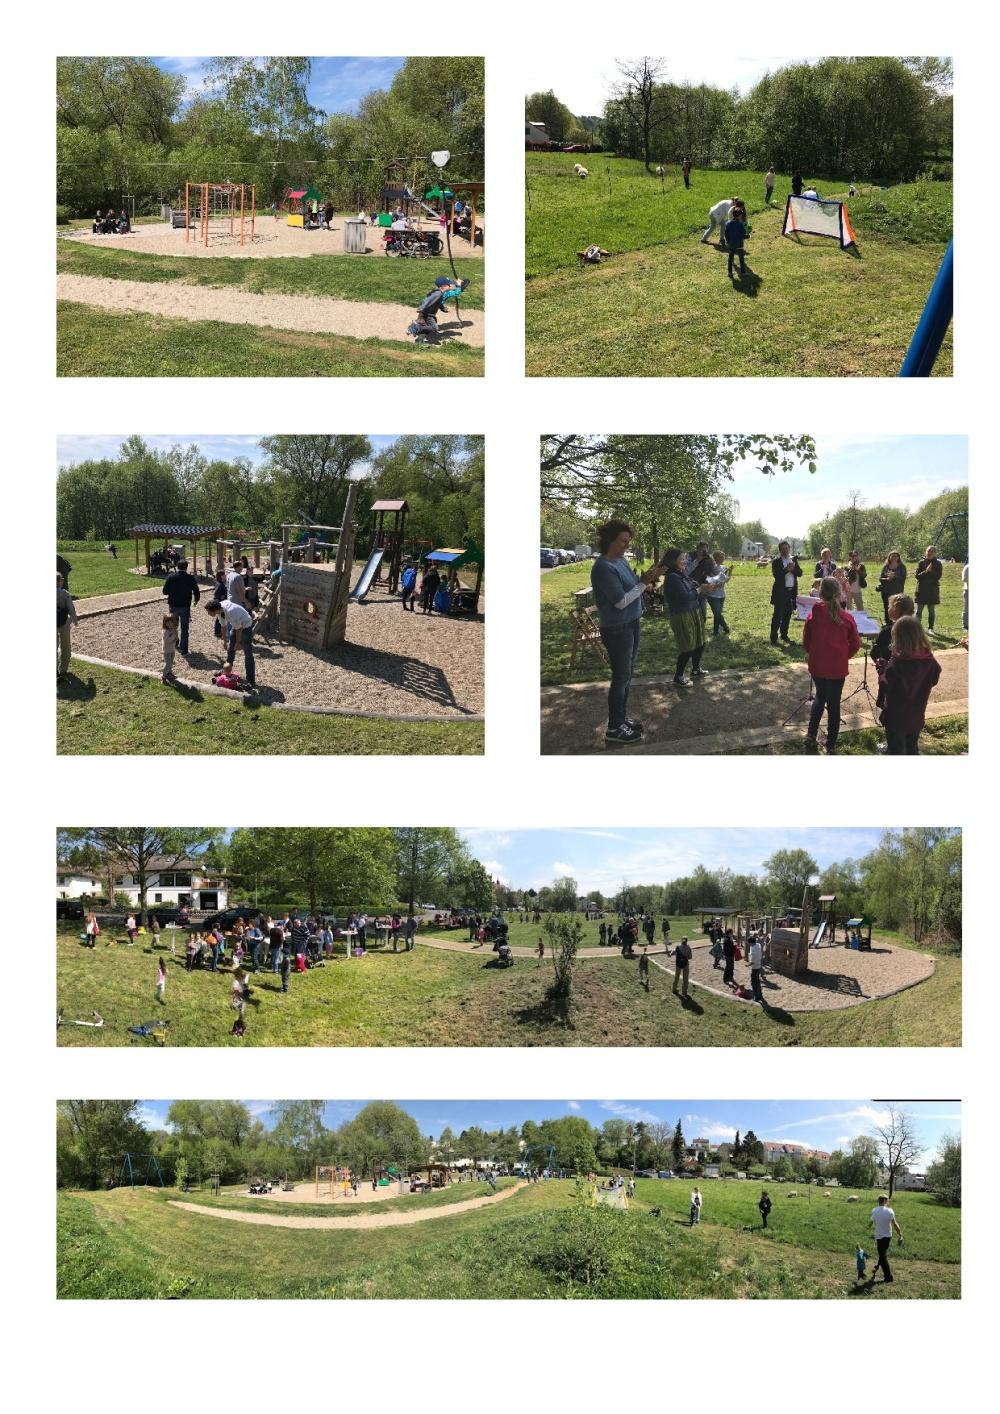 2017-05-08 Spielplatzfest des-002